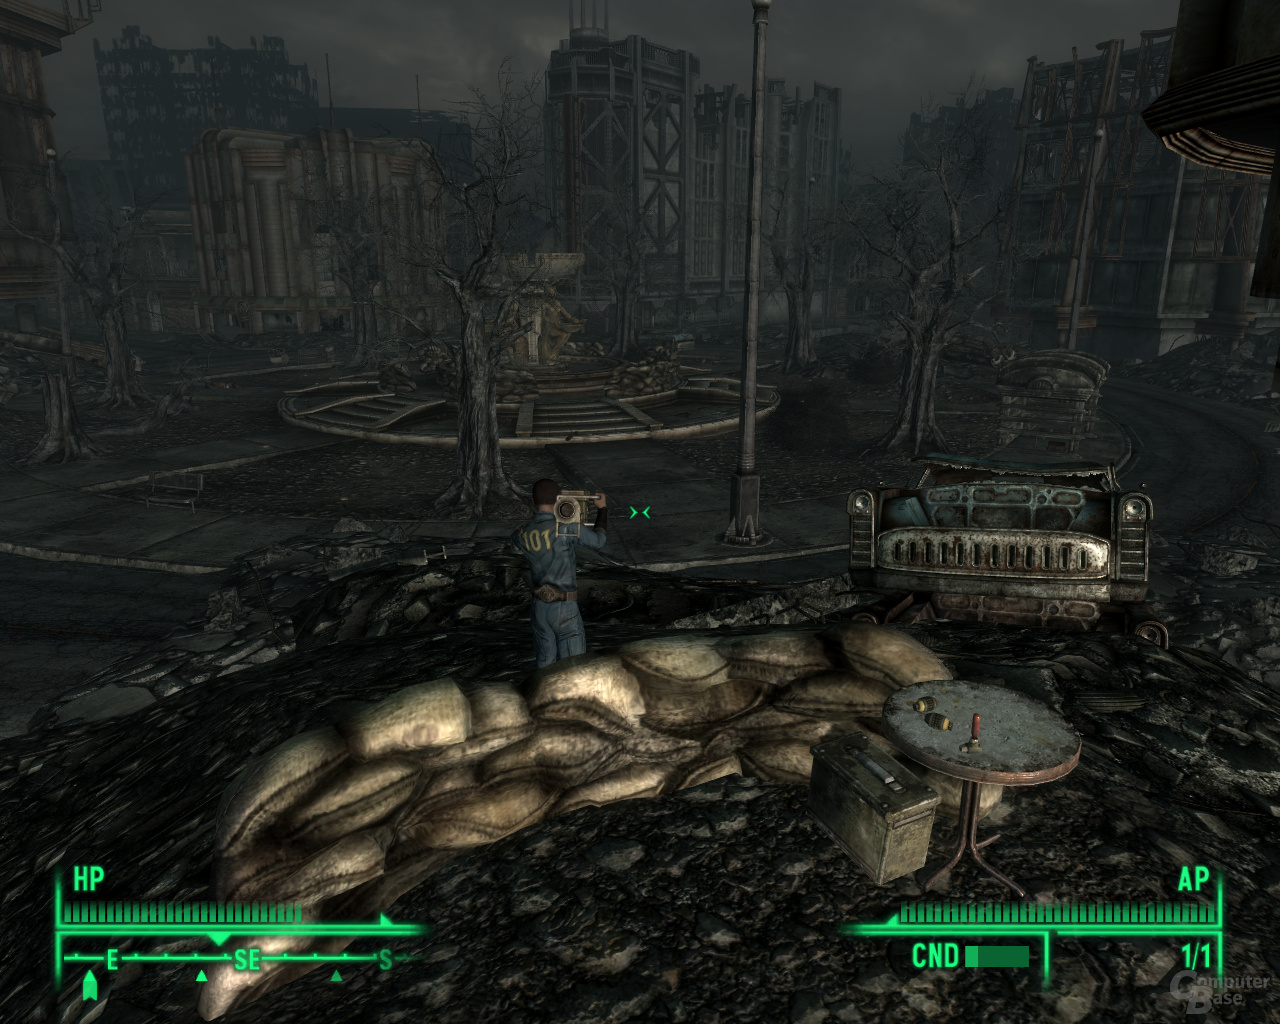 Fallout 3 - Nvidia GeForce 180.48